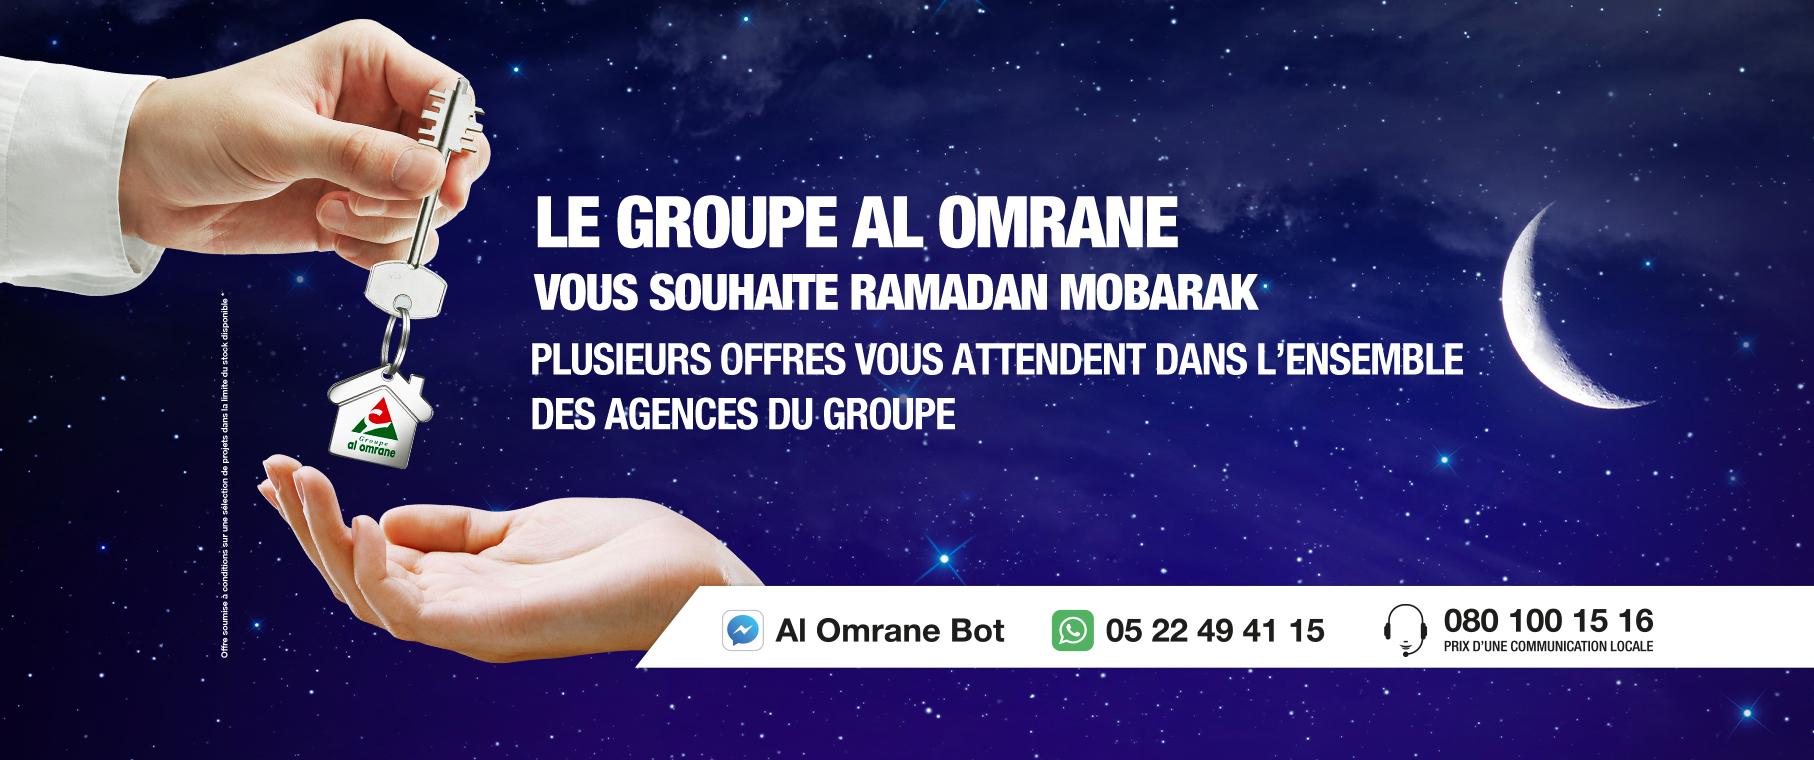 Campagne Ramadan